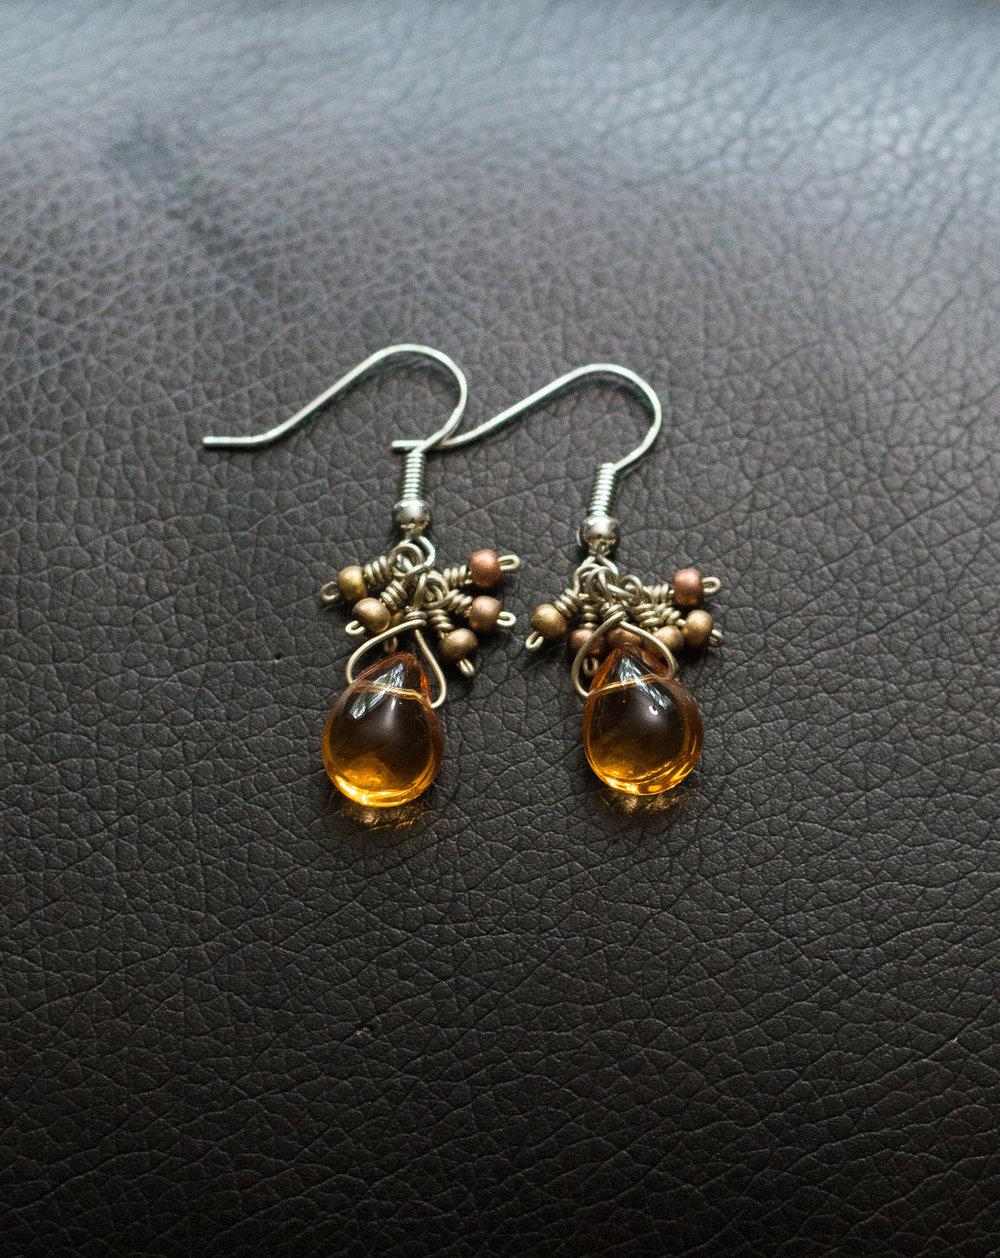 Semi-precious stones. Made in Guatemala